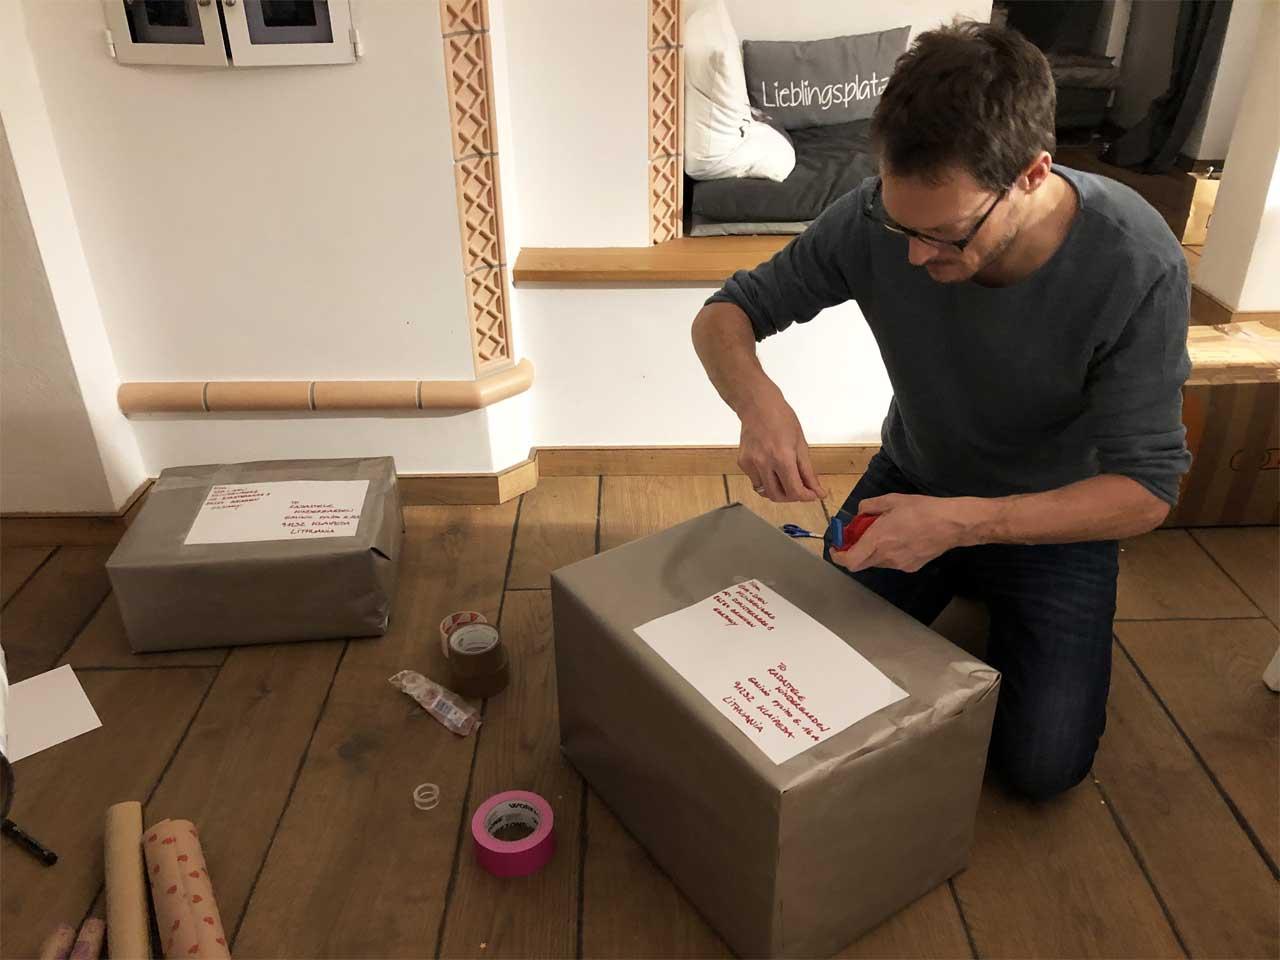 Sven verpackt die Pakete